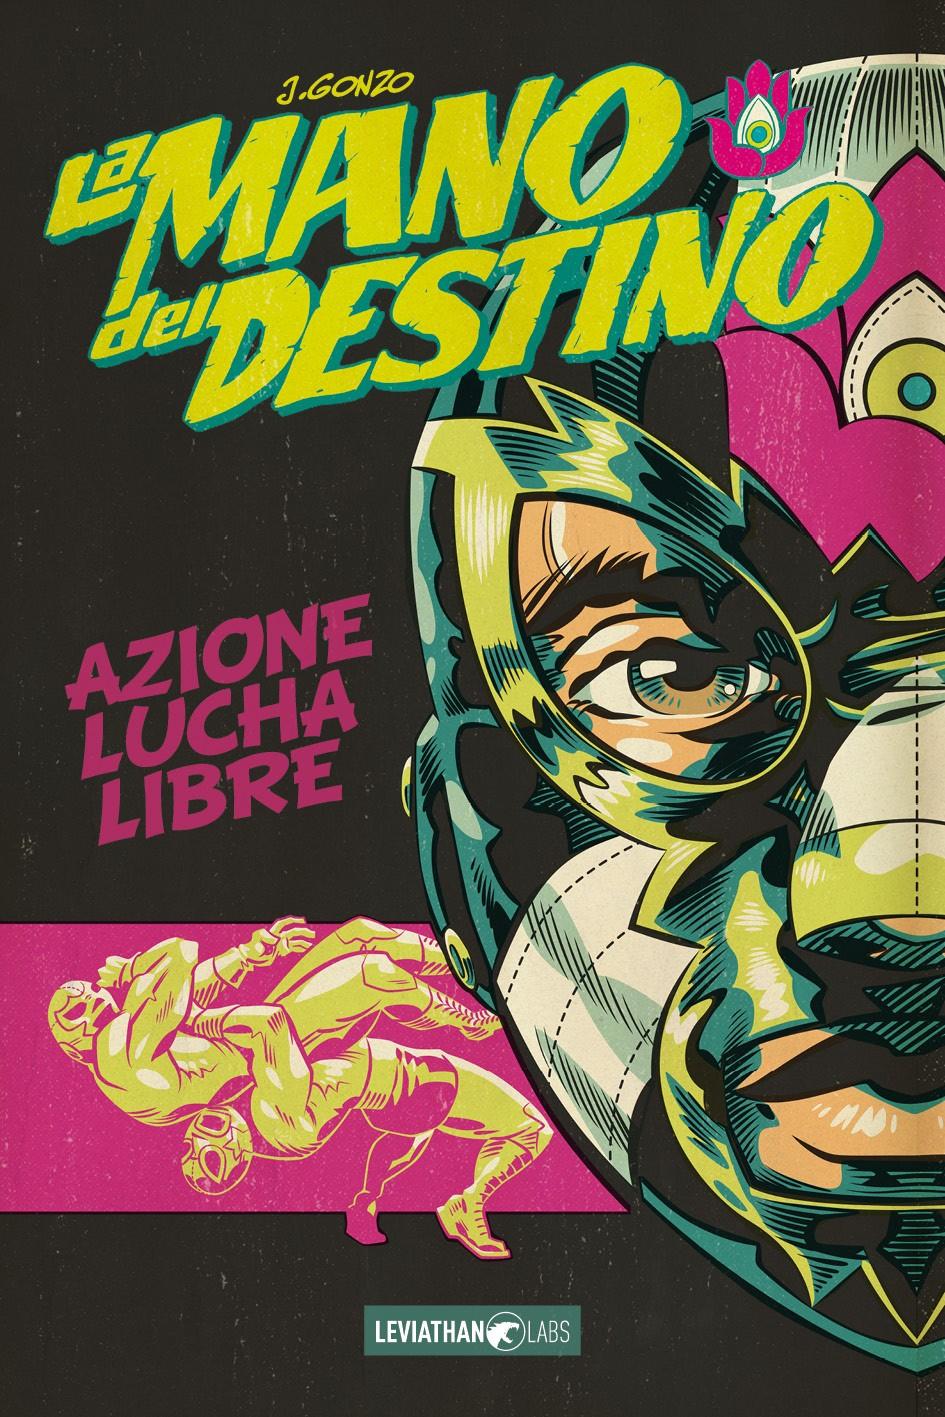 """Leviathan Labs porta in Italia il fumetto """"La mano del destino"""" di J. Gonzo"""